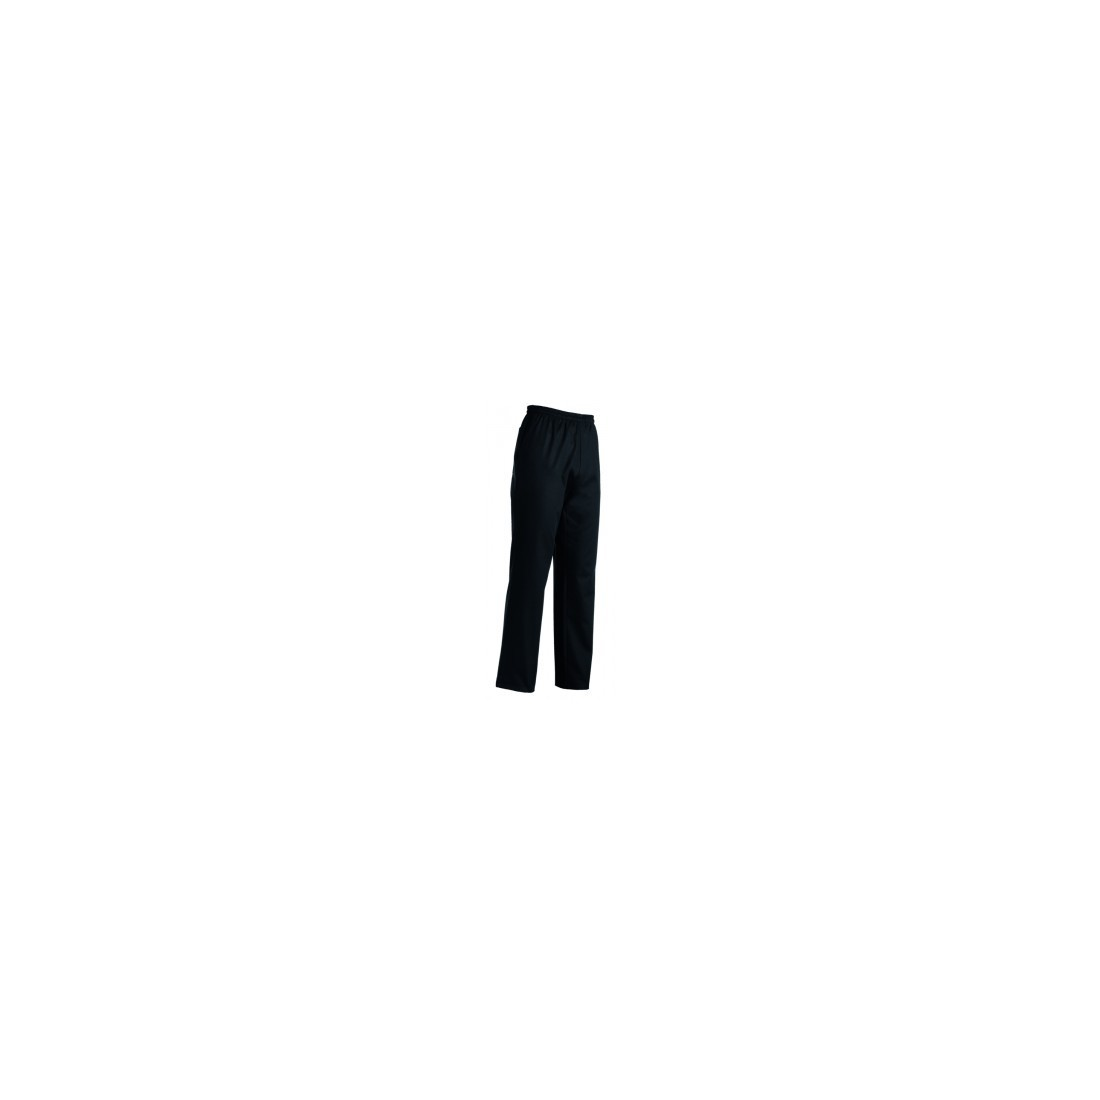 Pantalón cocinero tallas grandes modelo Big Black pant